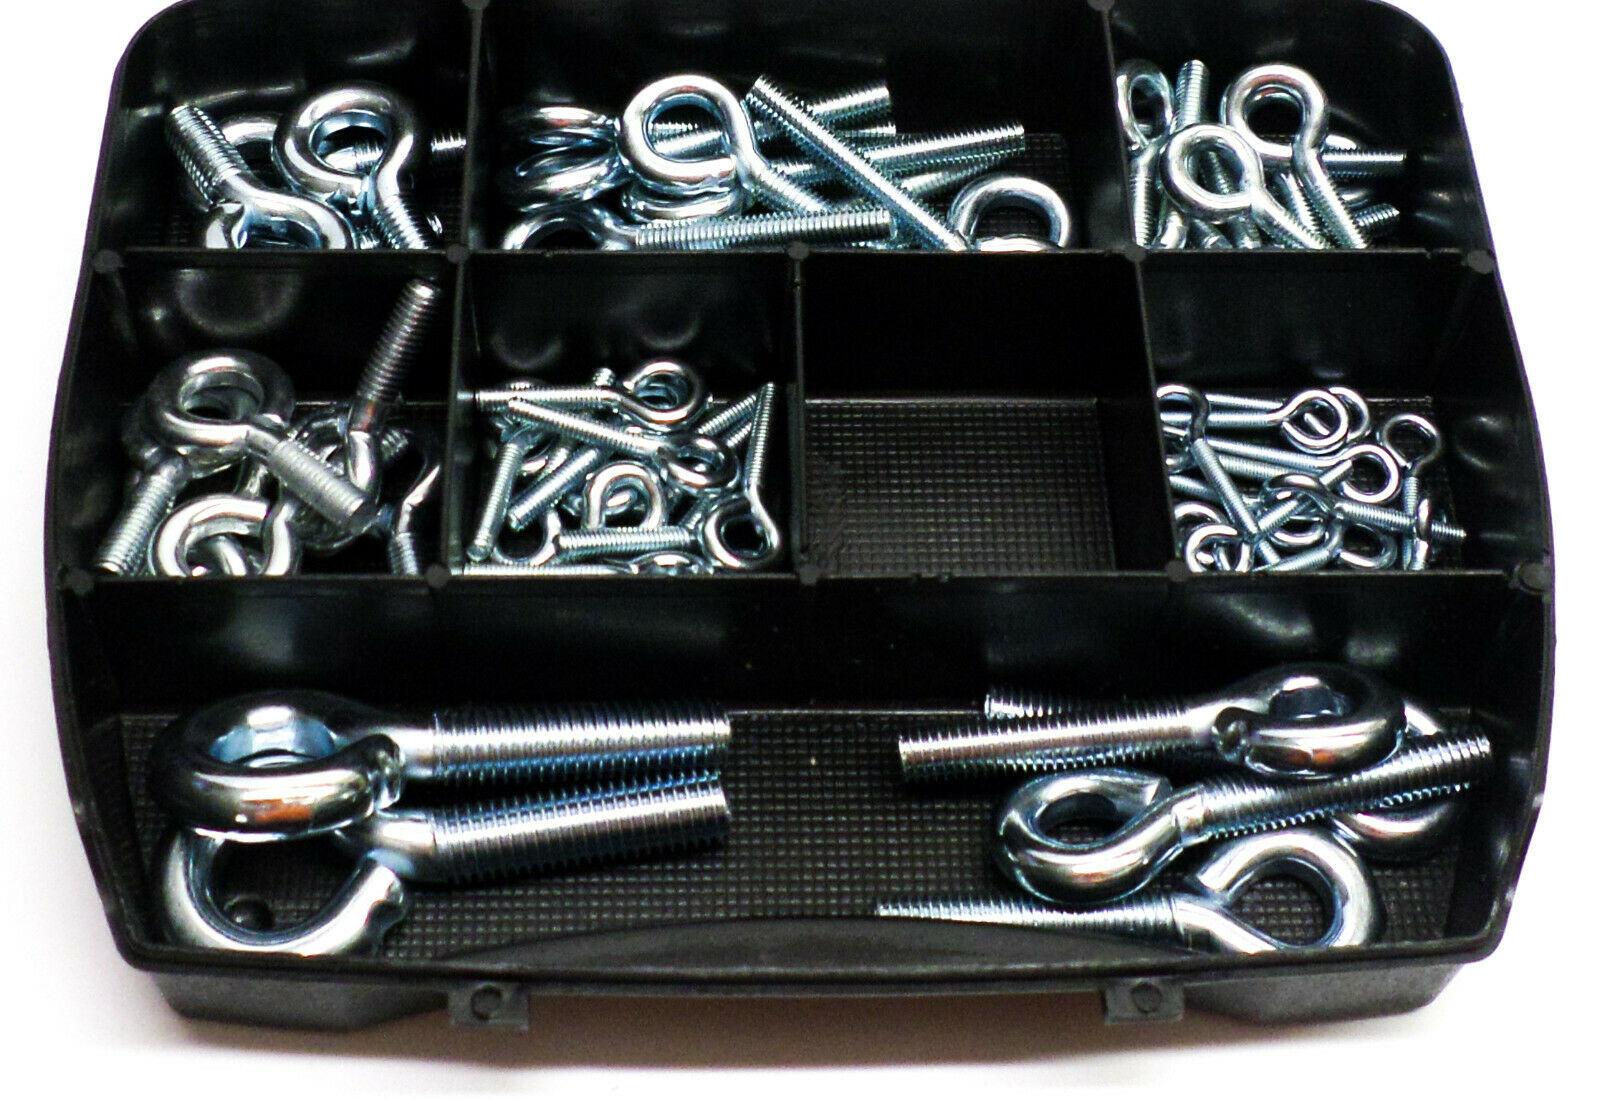 Schroefogen in assortimentsbox